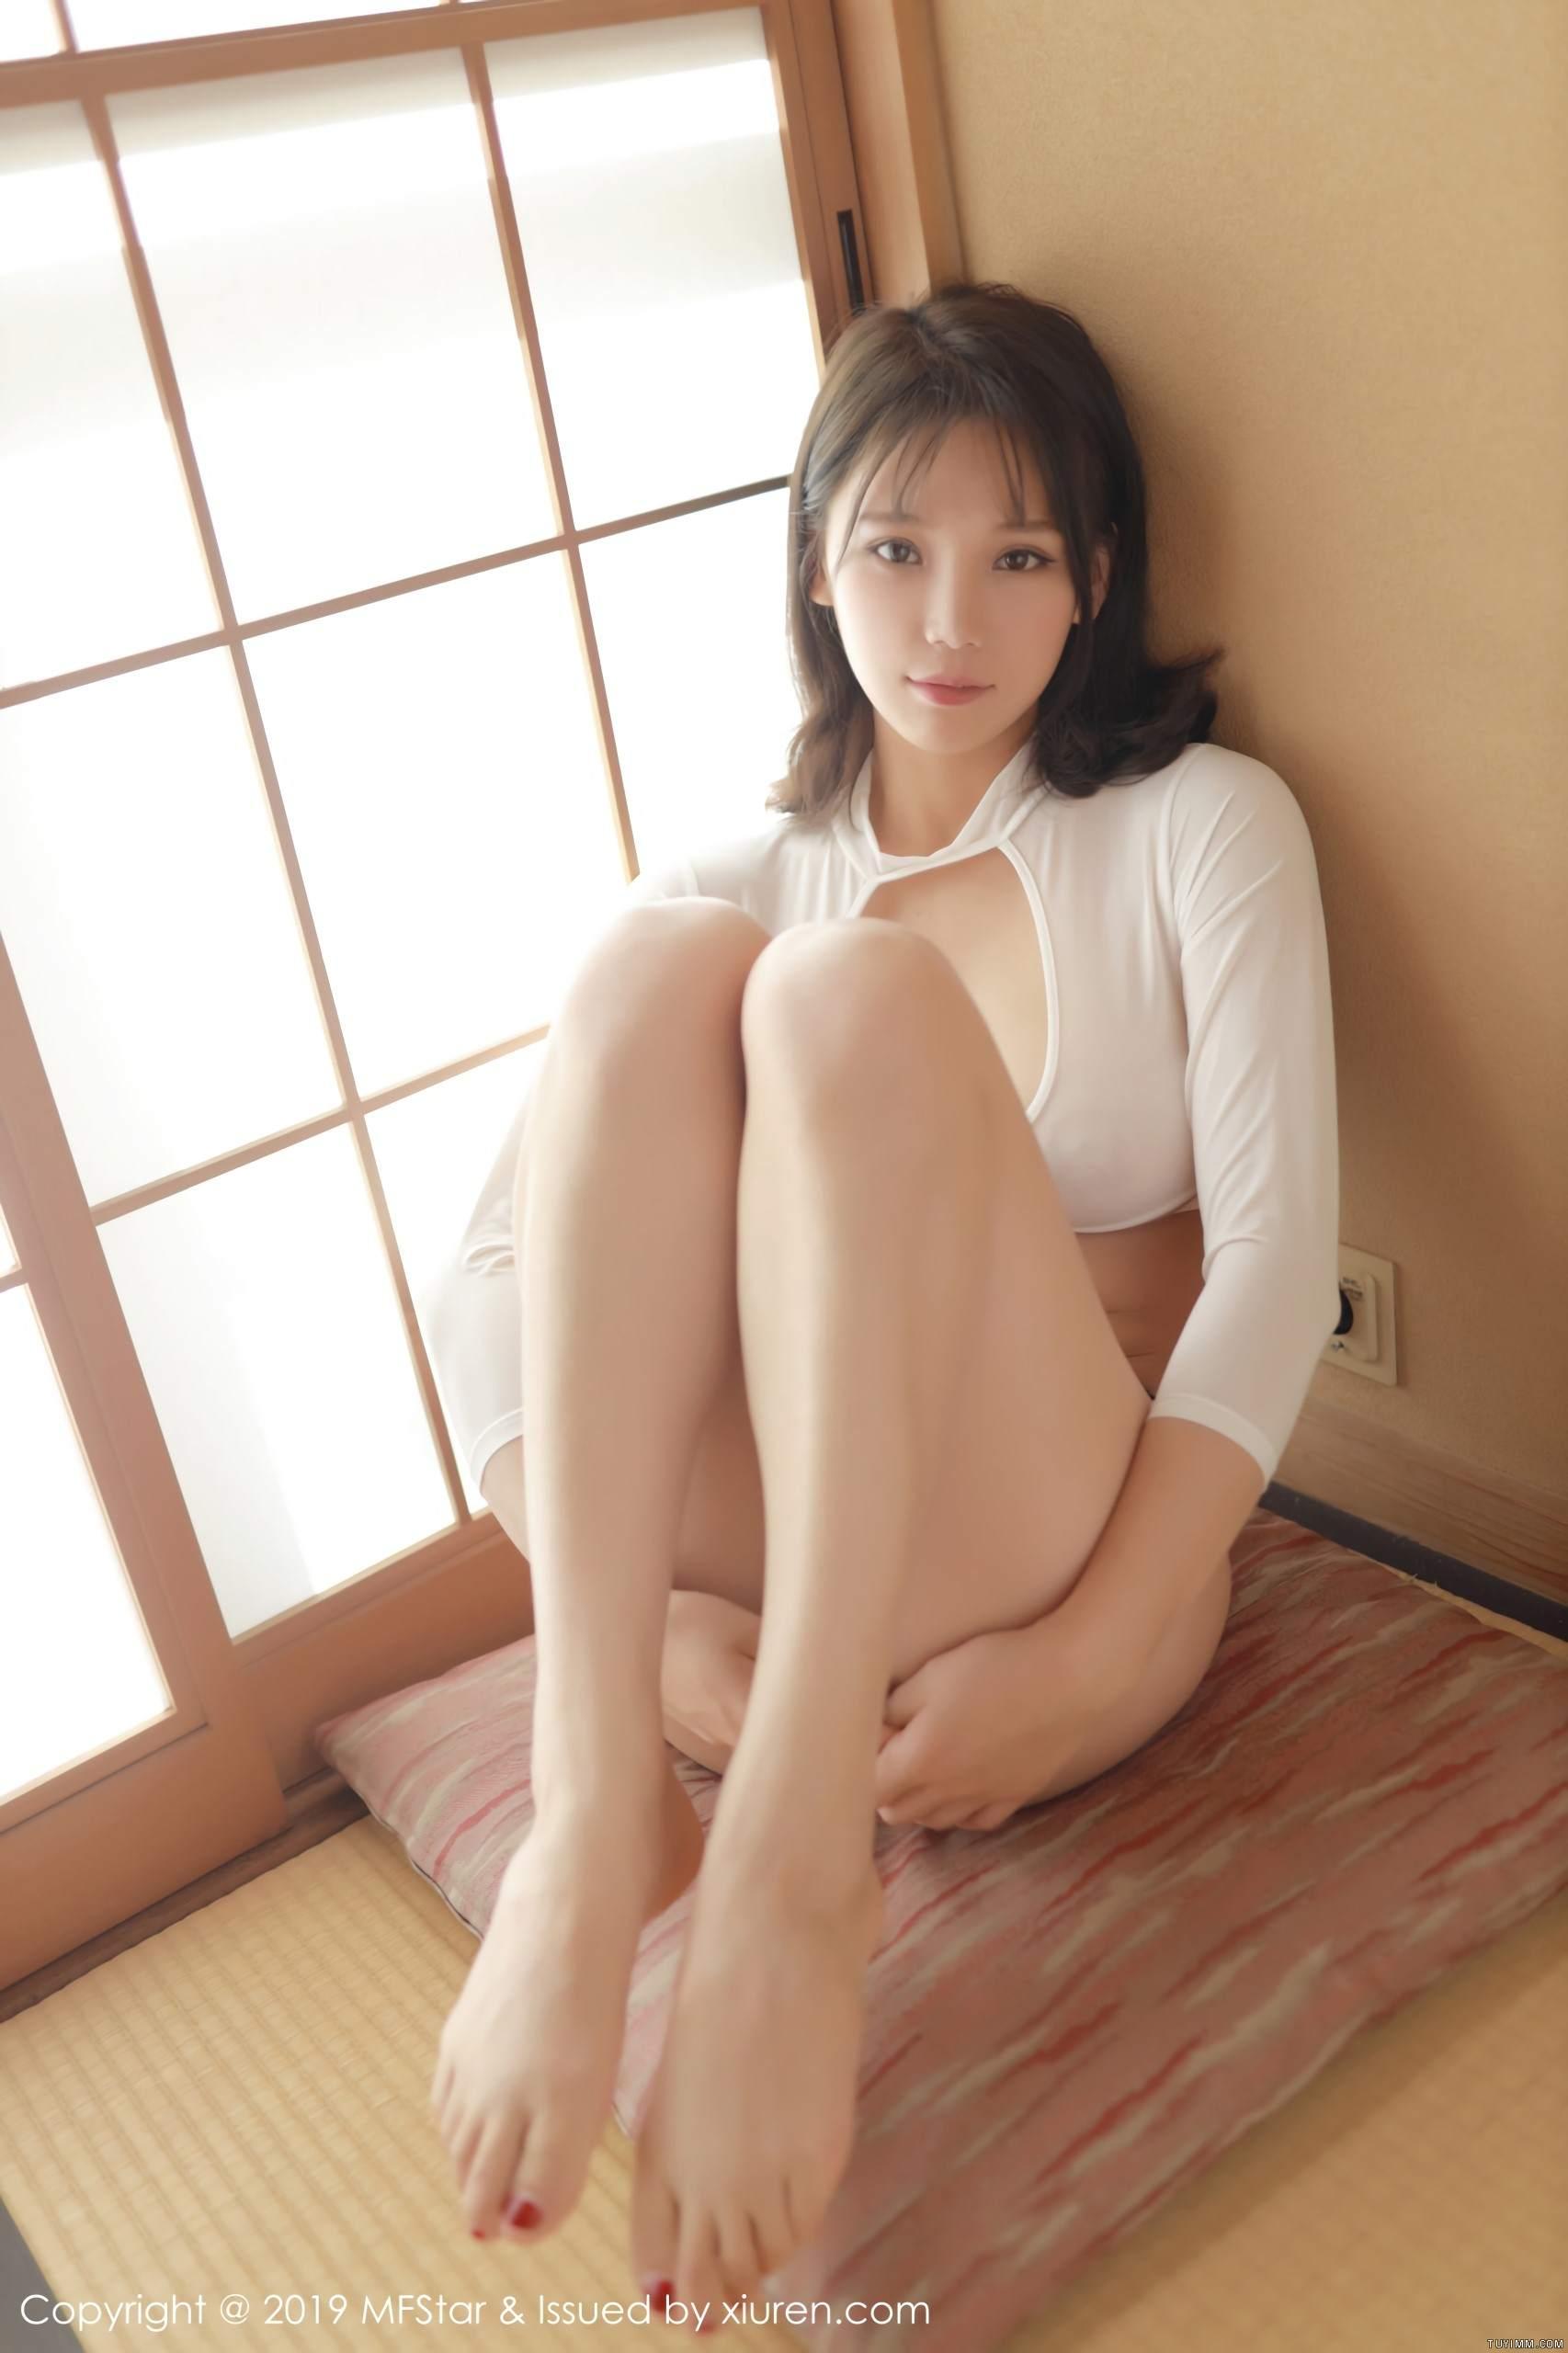 [福利]风骚模特黑丝美腿床上无遮挡人体艺术写真-第48张图片-哔哔娱乐网